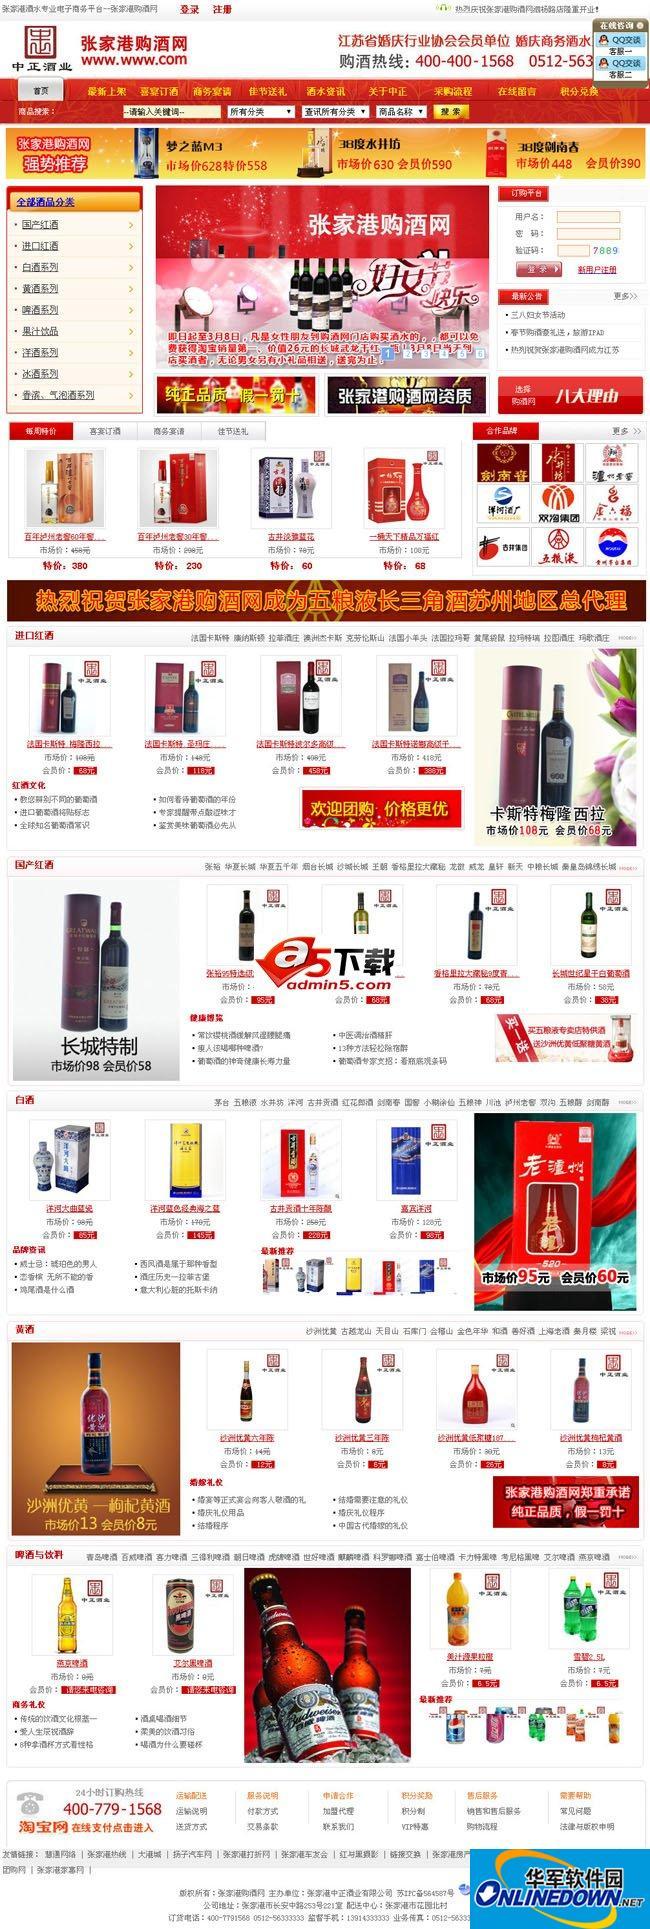 大气酒商城-仿酒仙网网站